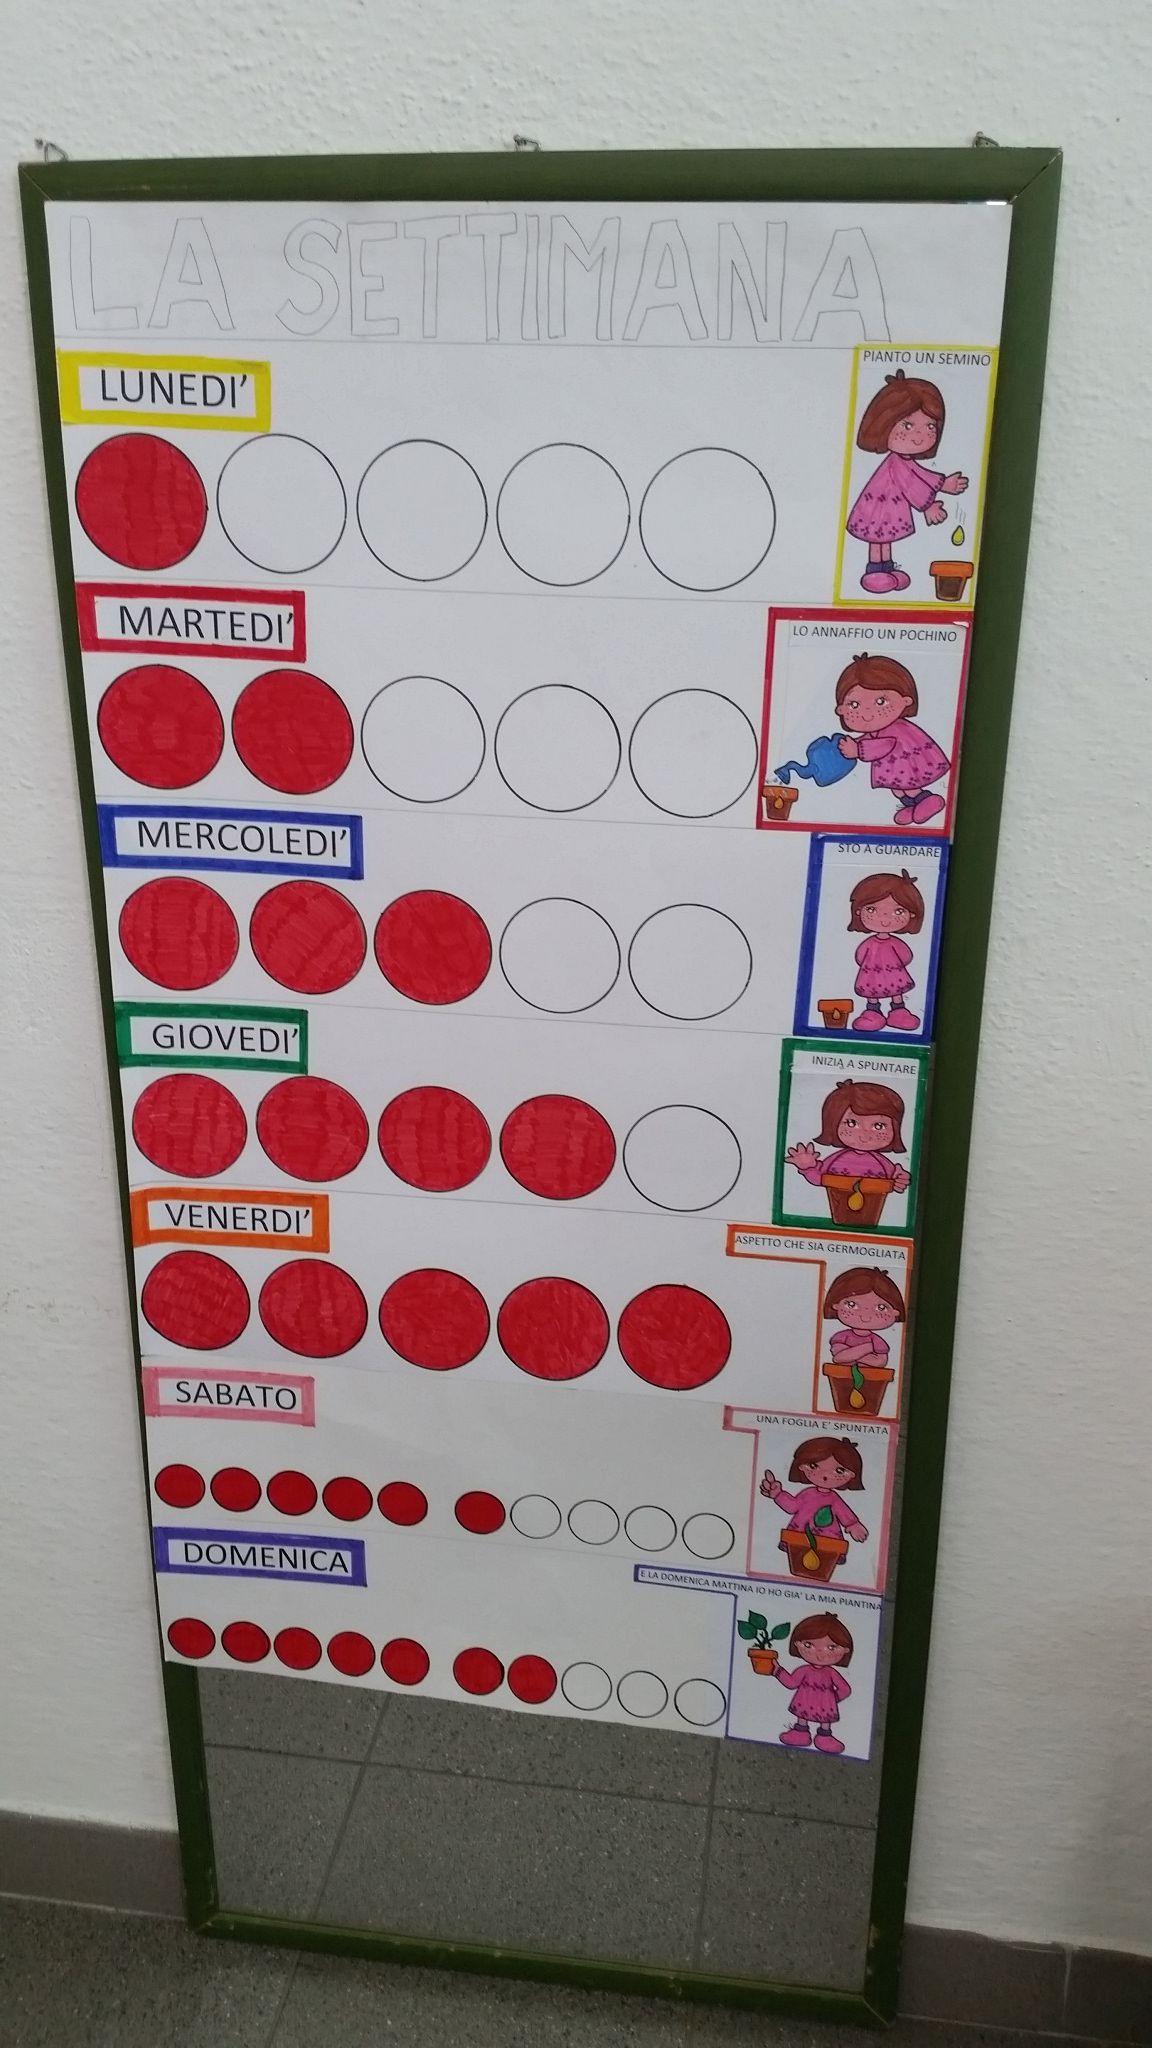 Costruire Calendario Scuola Infanzia.La Settimana Il Metodo Bortolato Scuola Cartelloni